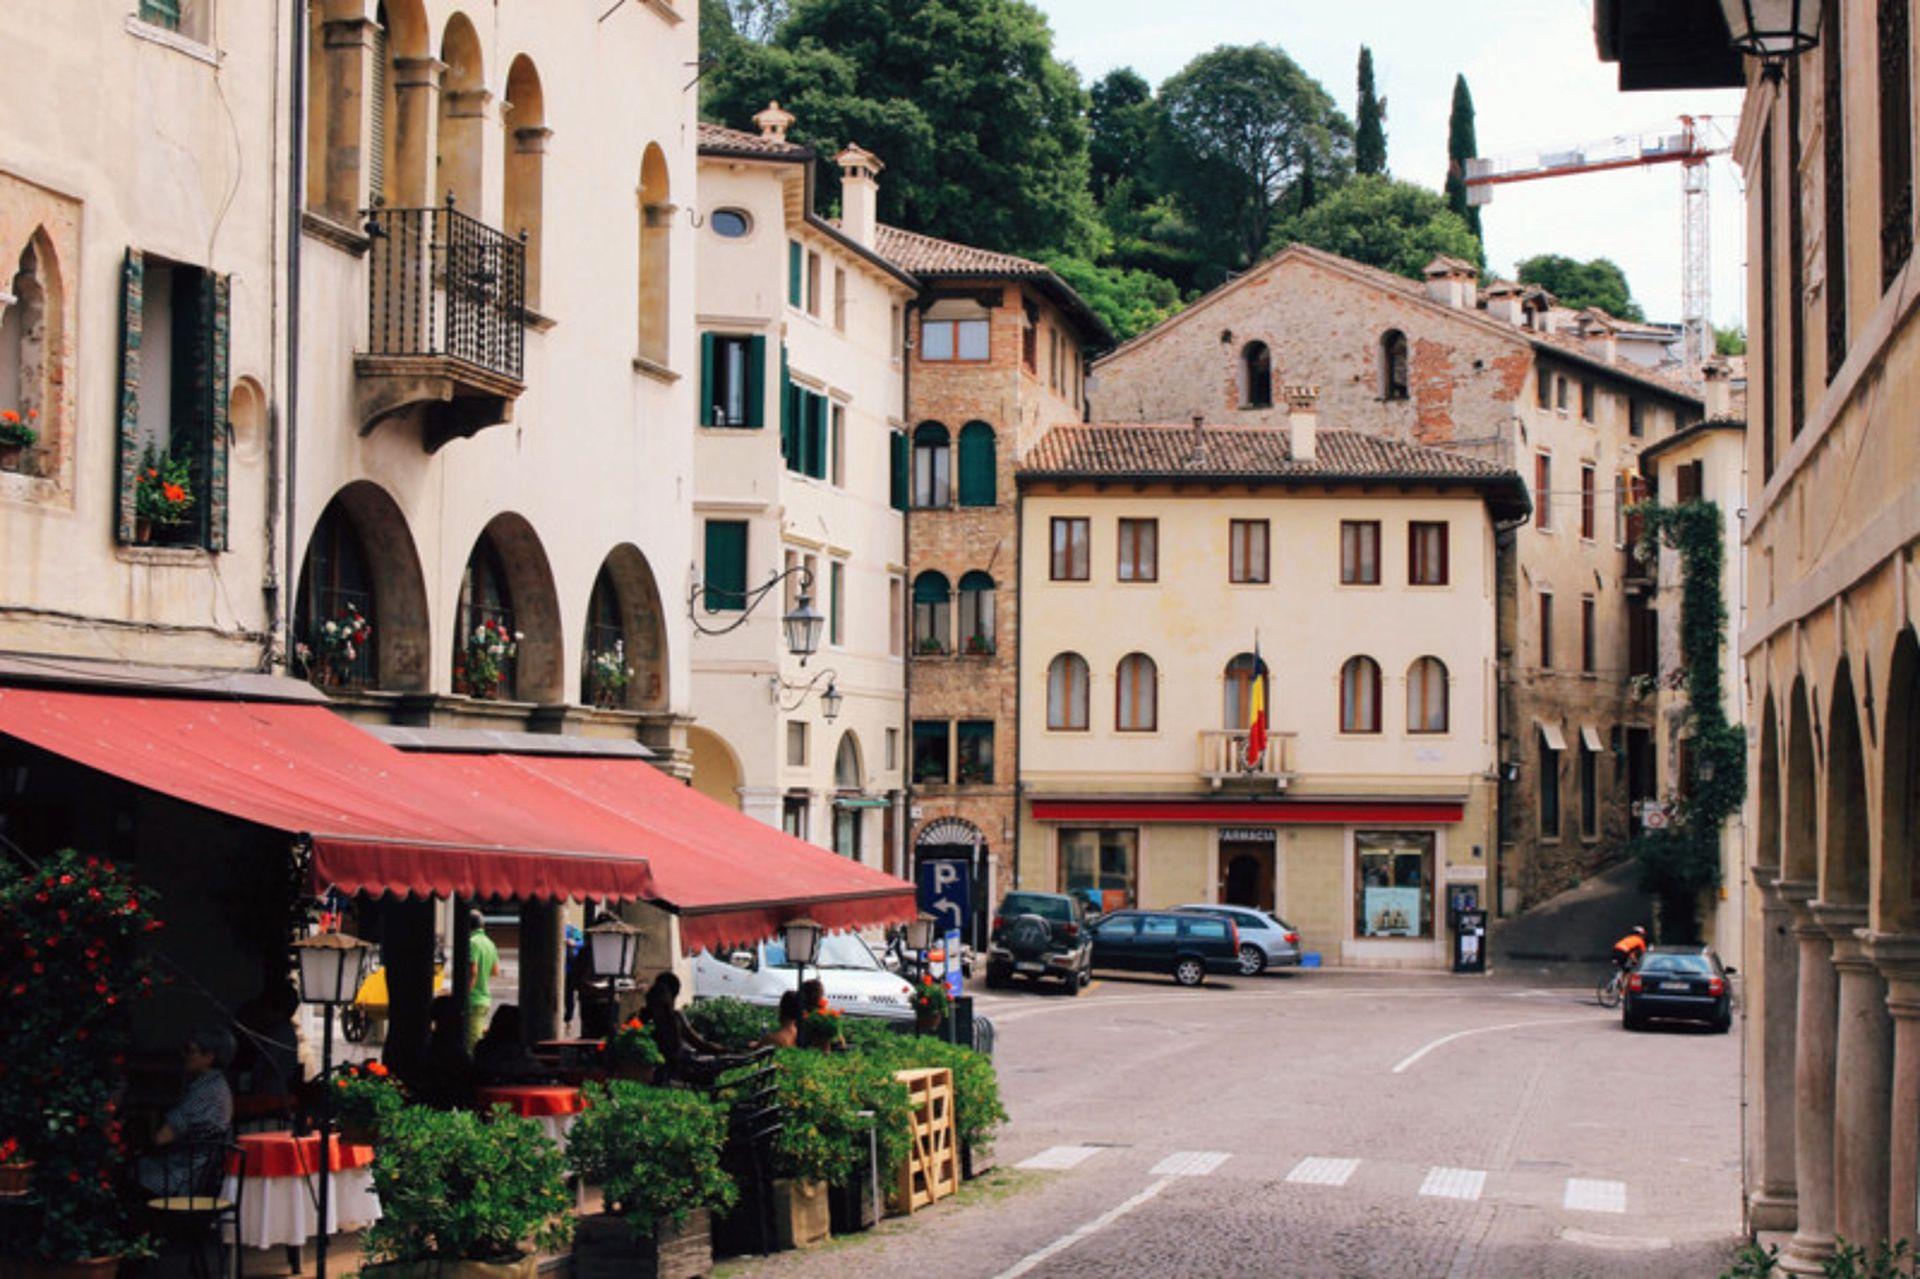 """Se fueron a vivir a un pueblo italiano y encontraron belleza y dificultades: """"la alta burocracia estatal degrada lo positivo del estilo de vida""""."""